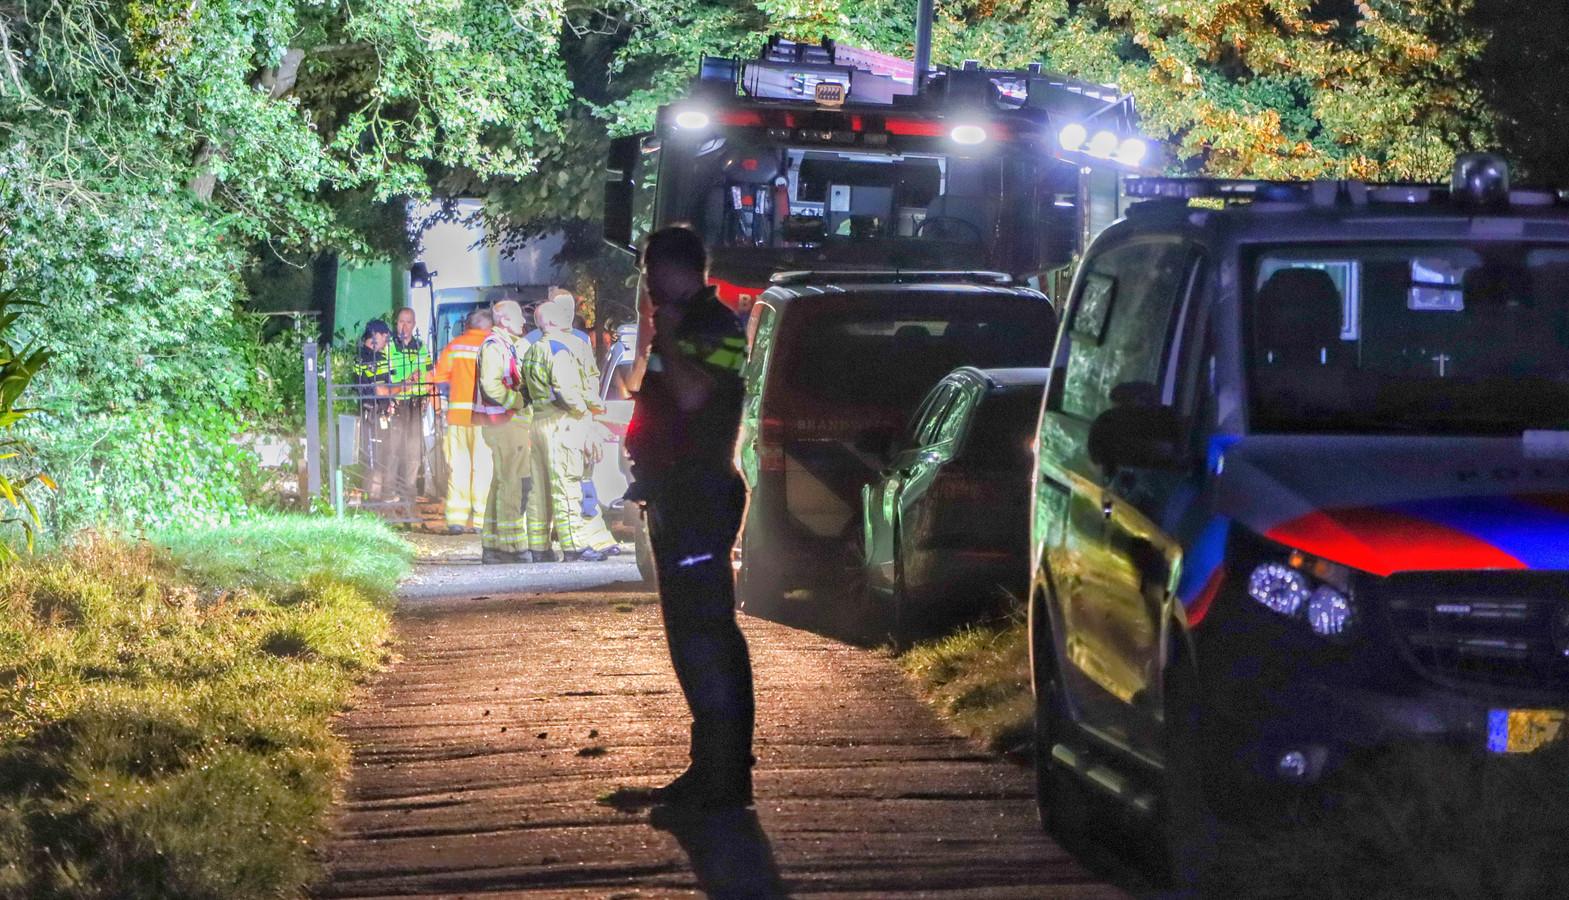 In Dalen werd een groot drugslab gevonden door de politie. Twee verdachten werden op de A28 bij Zwolle opgepakt.